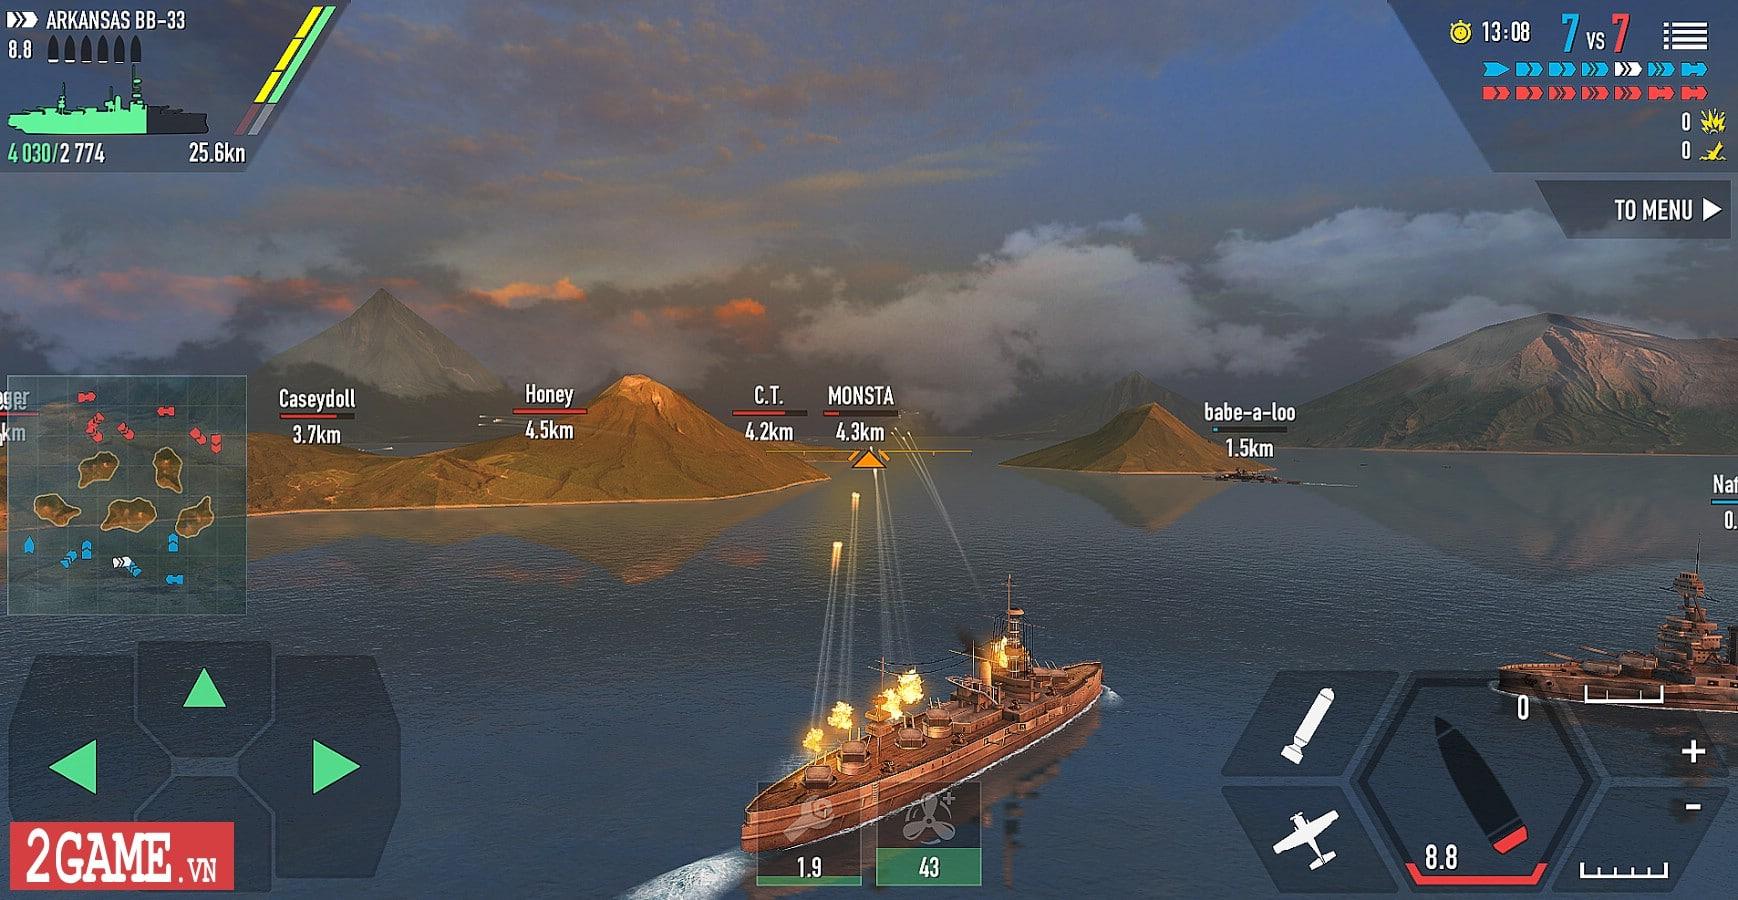 Chởi thủ Thủy Chiến 3D - Game mobile chủ đề chiến hạm rực lửa cho phép game thủ thỏa sức bắn phá 2